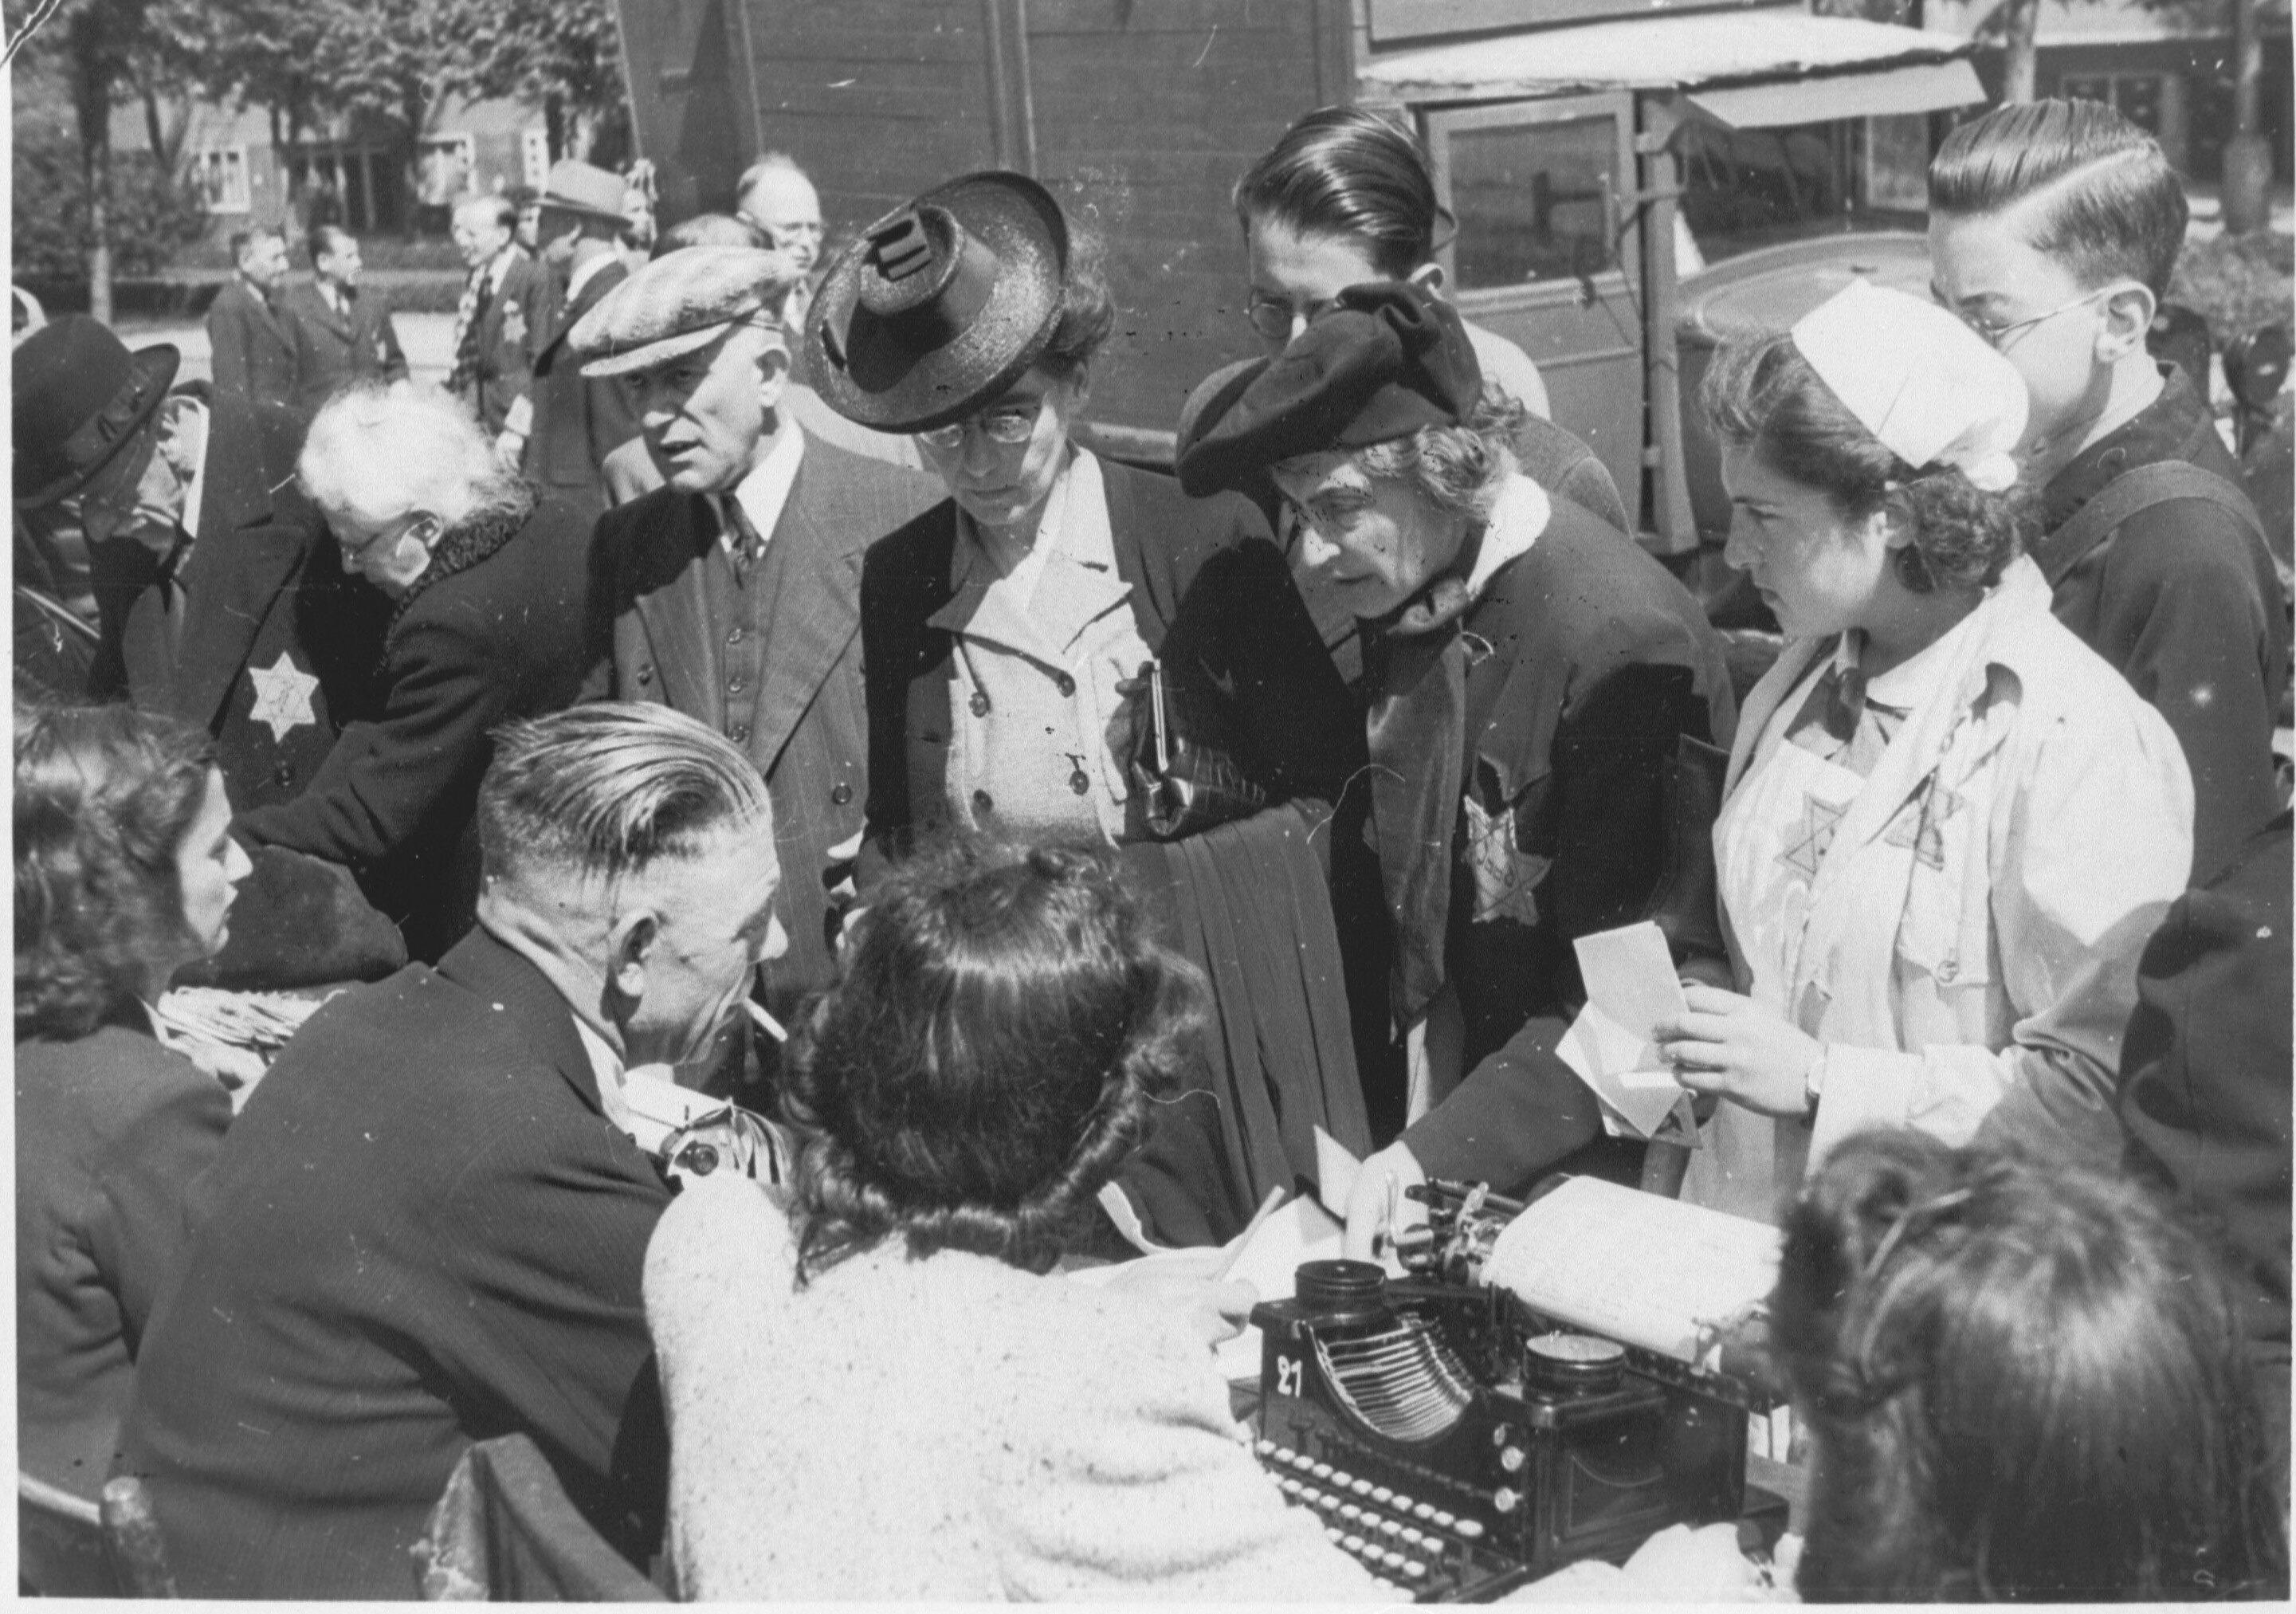 Medewerkers van de kampadministratie van kamp Westerbork schrijven op het Olympiaplein in Amsterdam Joden in op 20 juni 1943